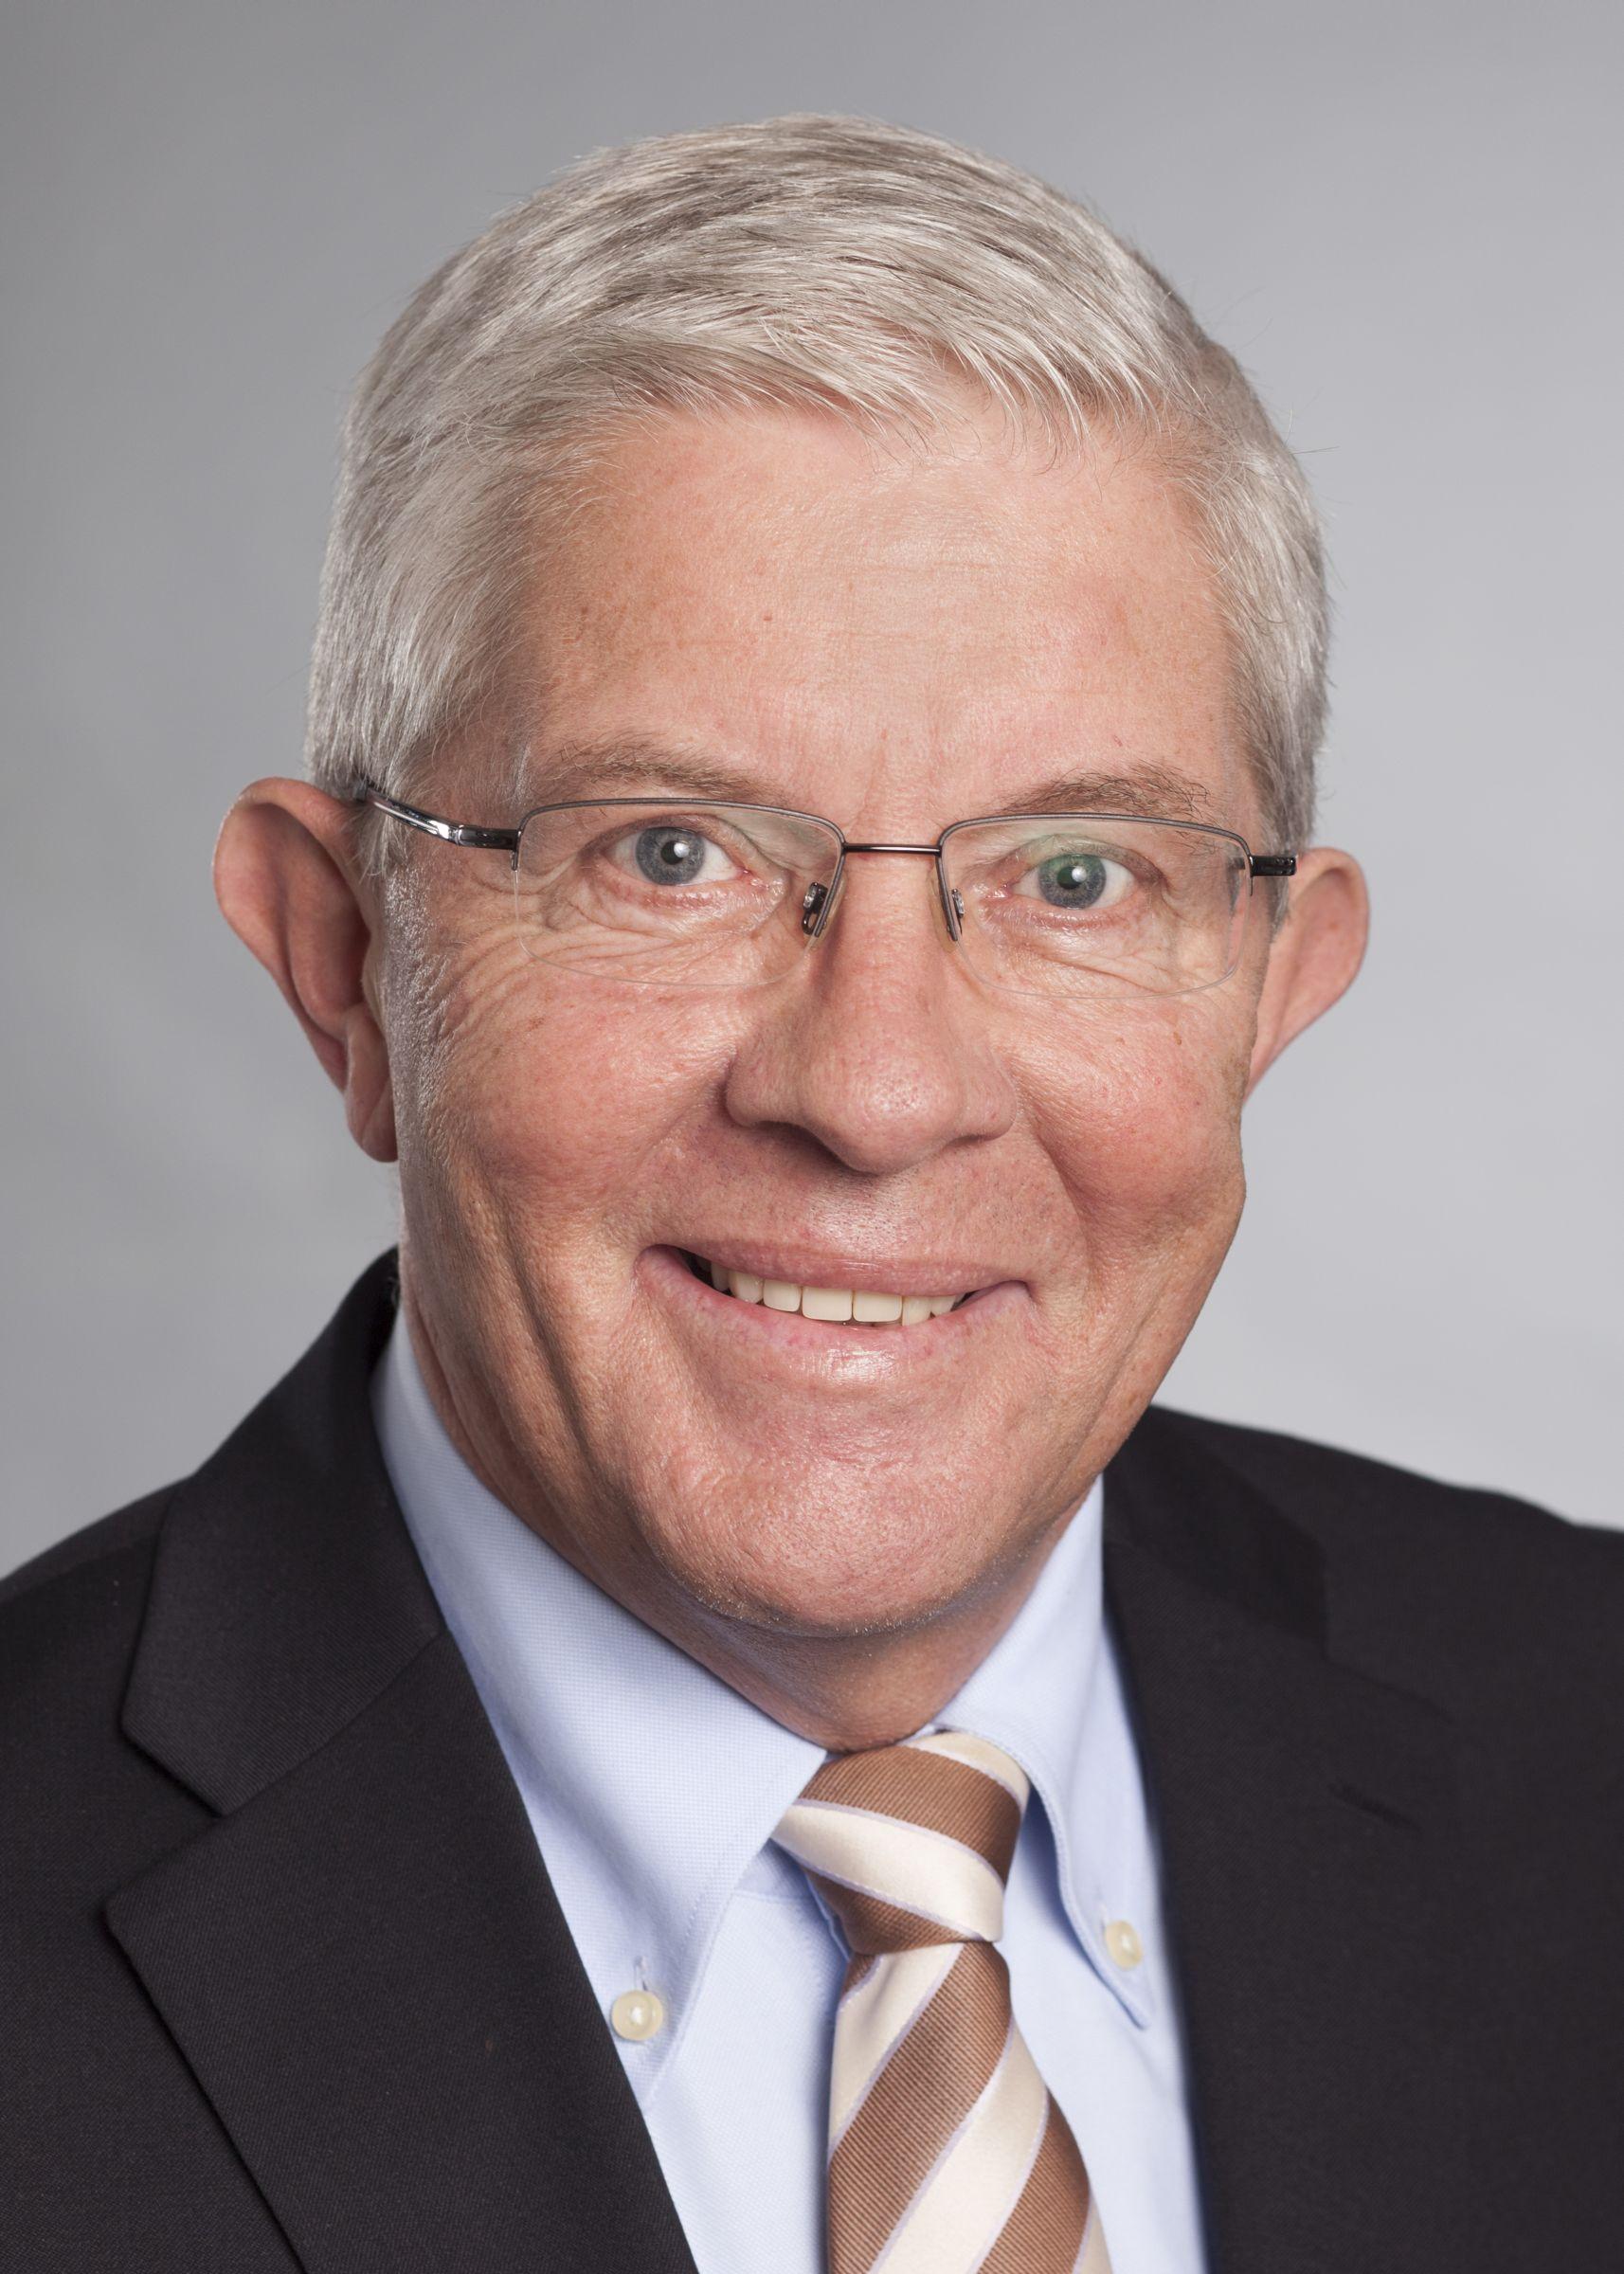 Wilfried Vortmann